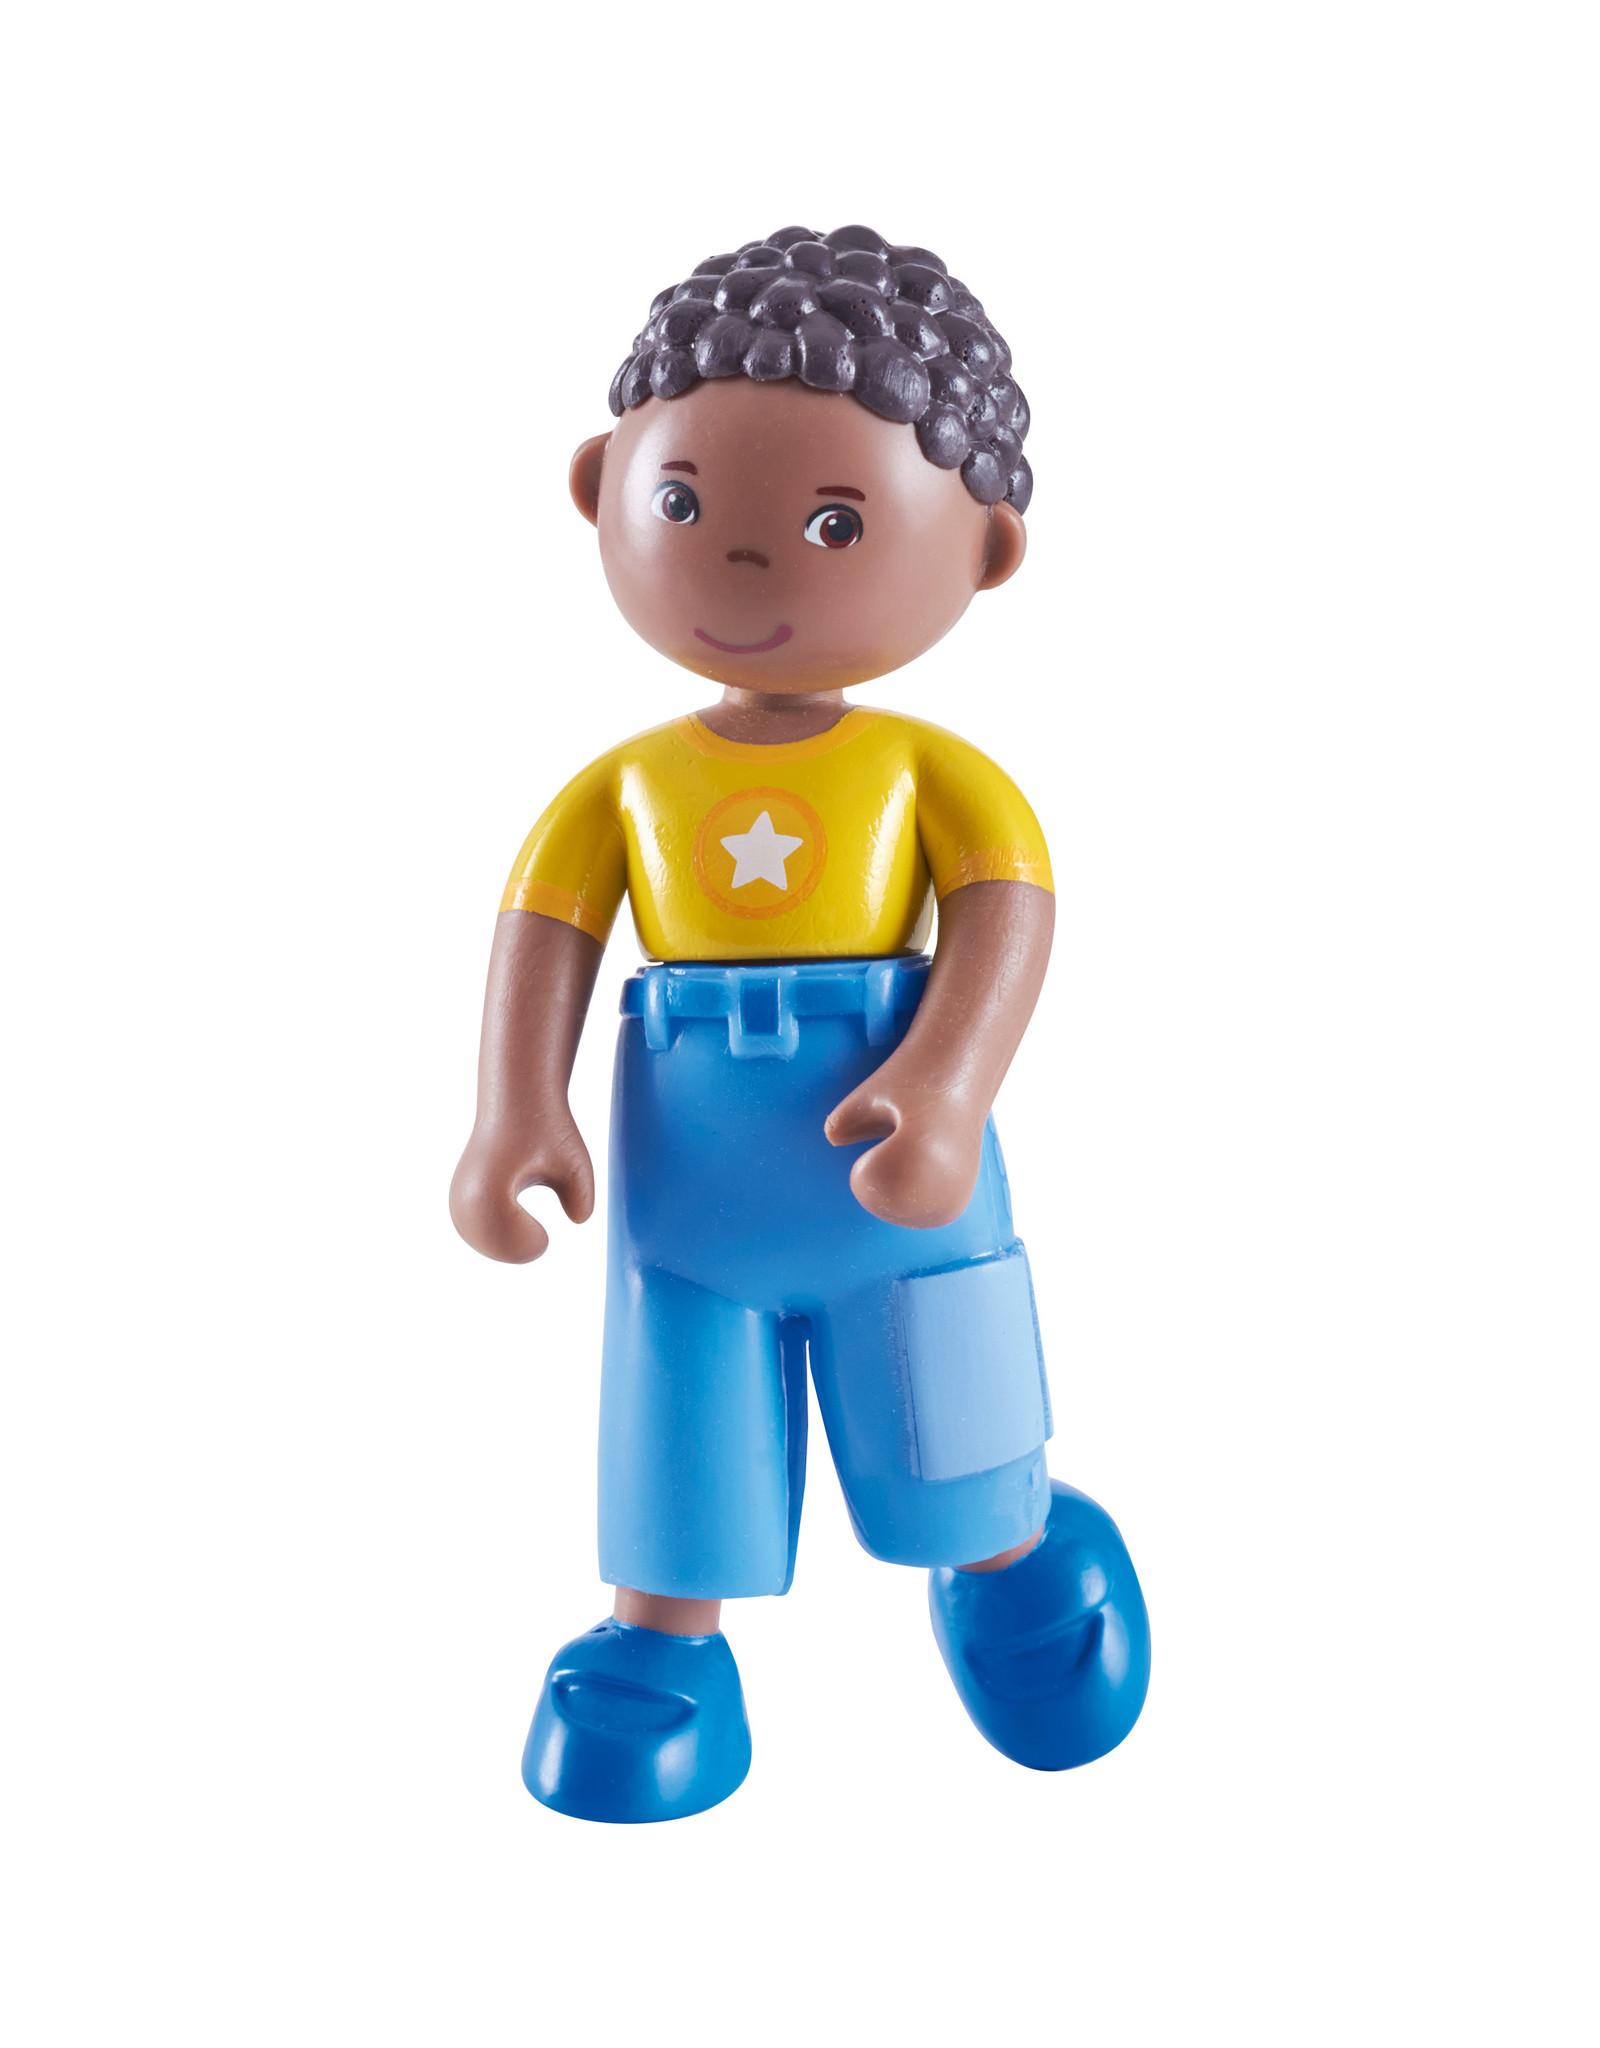 HABA Little Friends Erik Doll